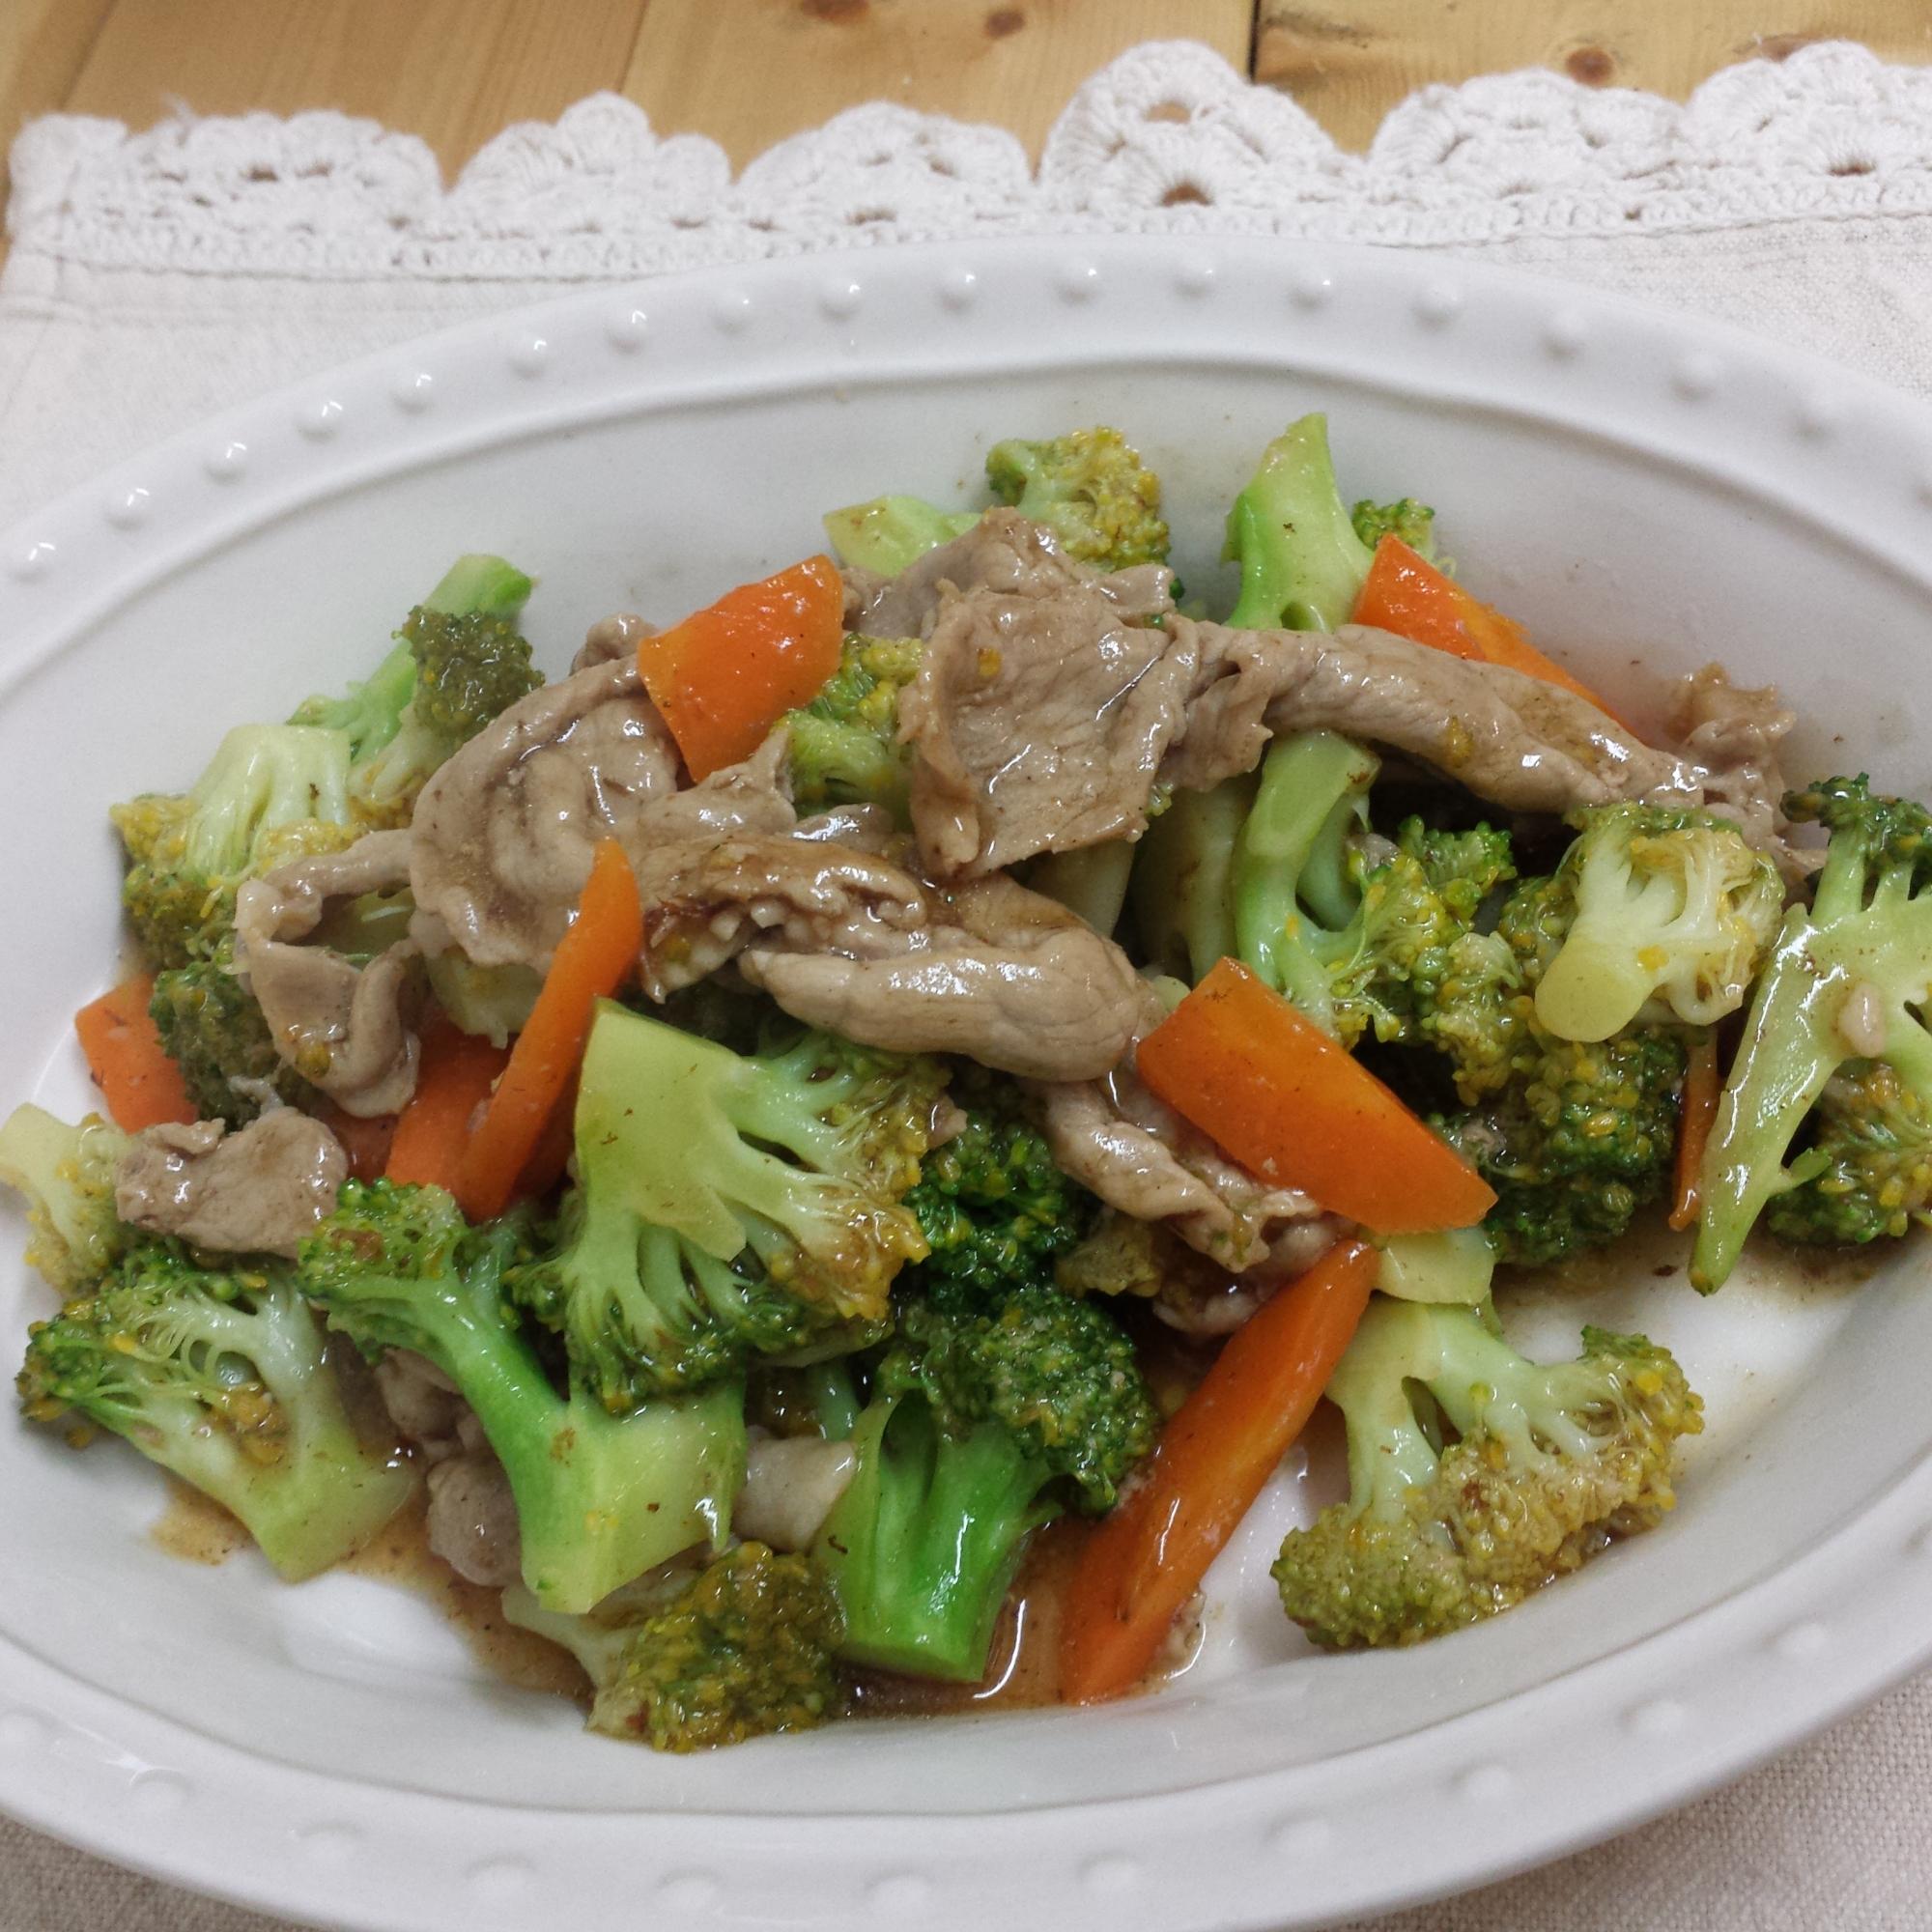 【ブロッコリー大量消費】ブロッコリーの中華風炒め